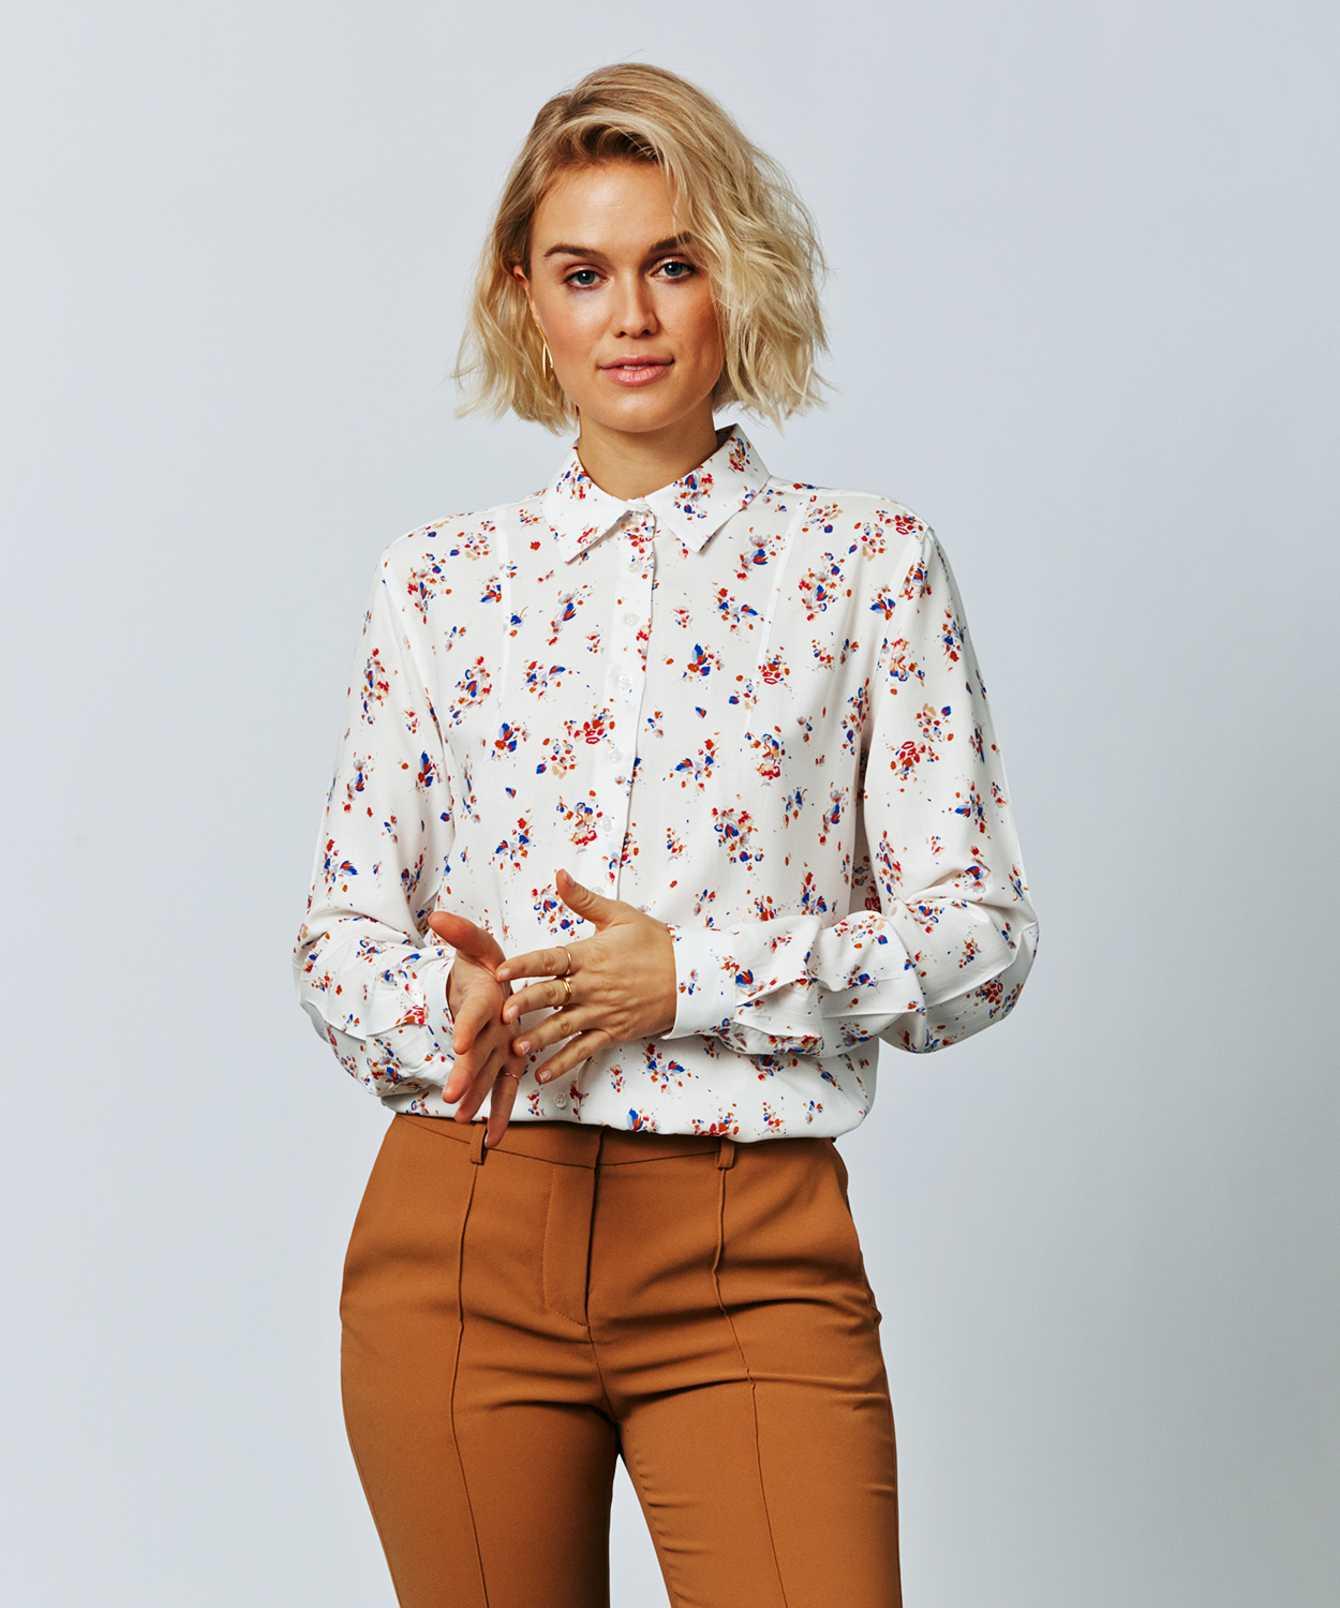 Shirt Petra Floralys The Shirt Factory